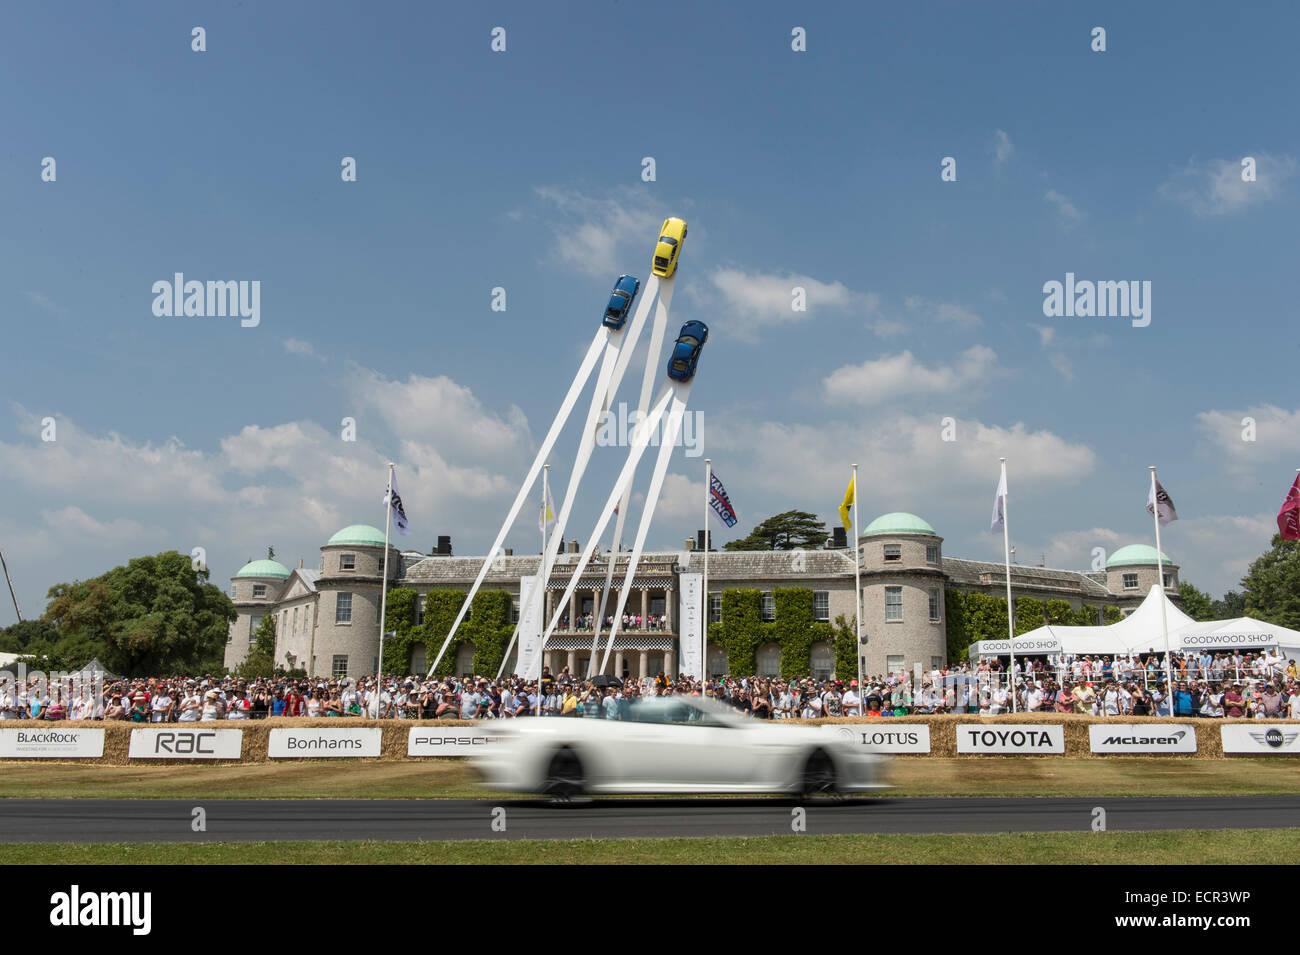 Weitwinkel-Bild von Auto vorbei an Goodwood House auf das Festival of Speed beschleunigt. Das Auto ist verschwommen, Stockbild